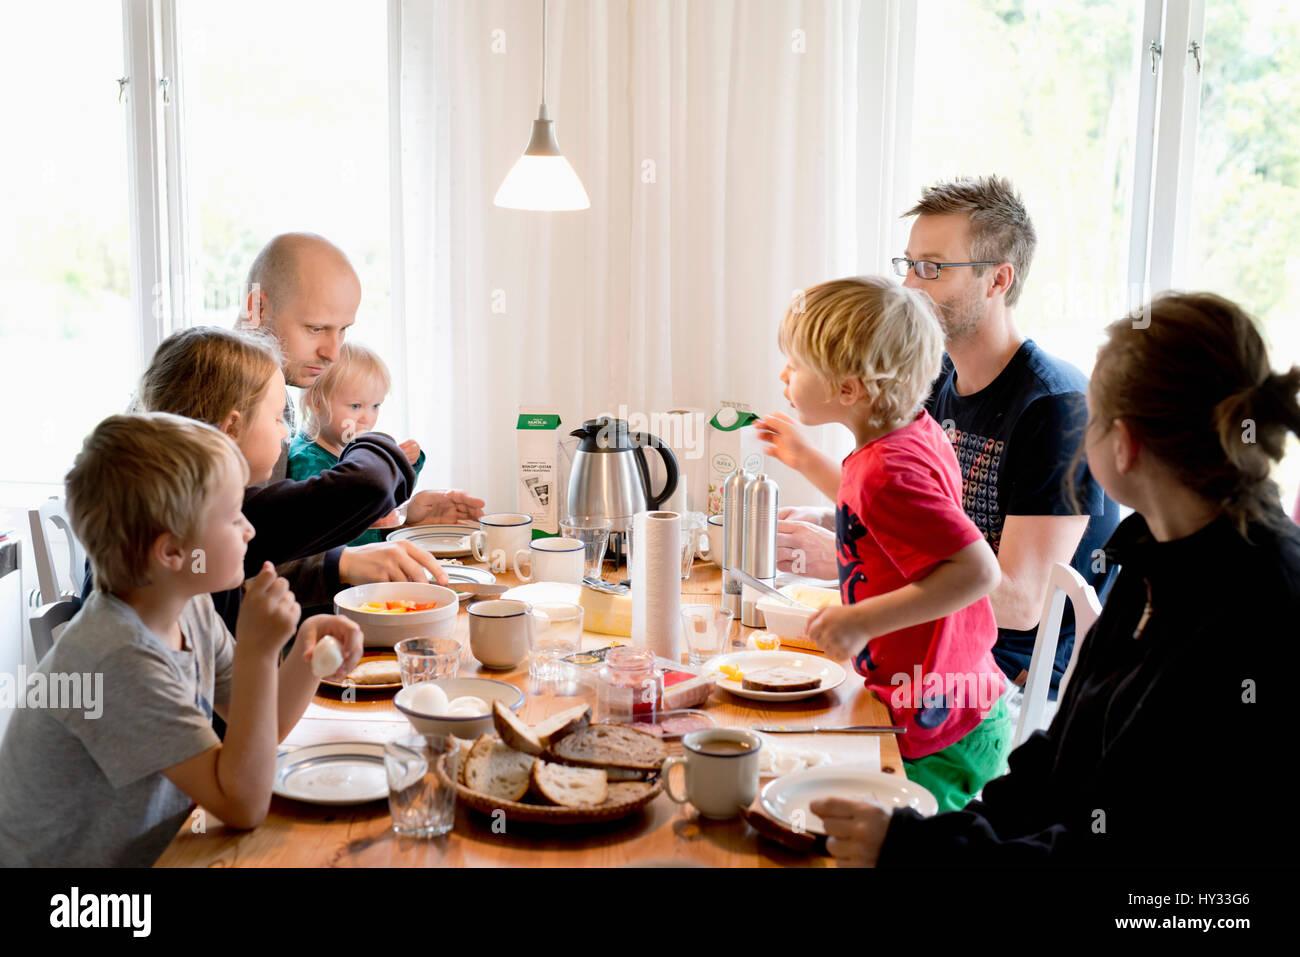 Suecia, familia con niños (2-3, 4-5,10-11,16-17) desayunando en la mesa Imagen De Stock